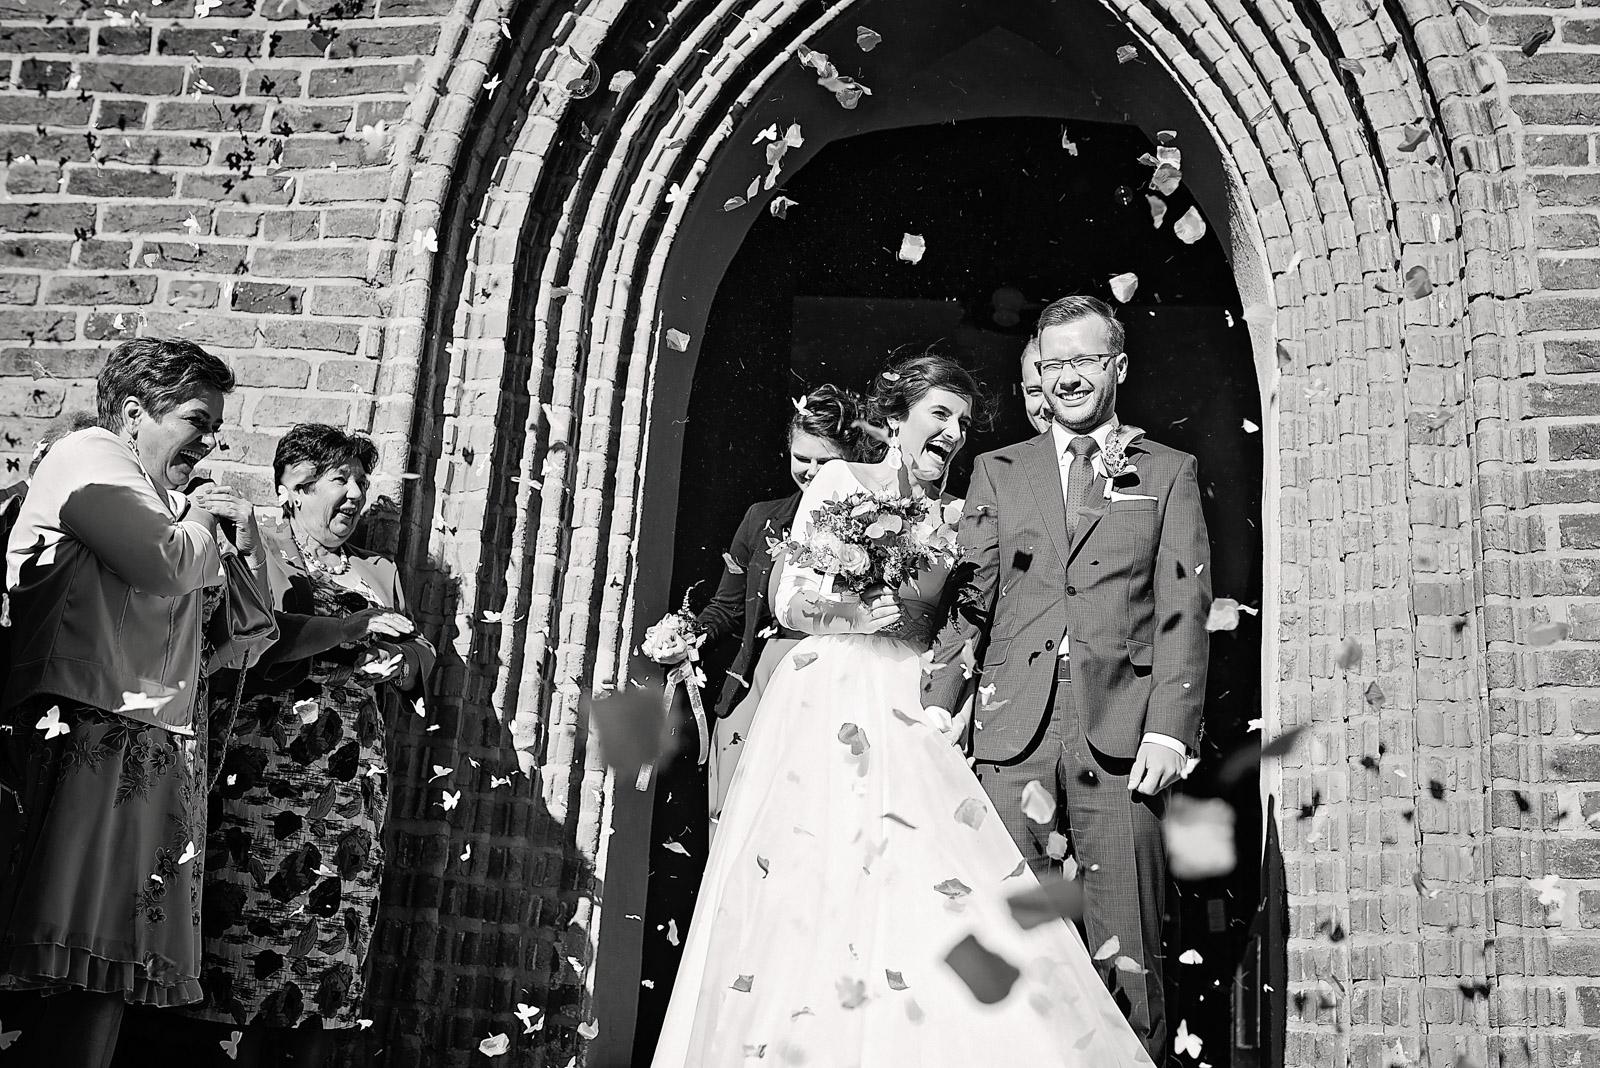 wesele-przysiega-zyczenia-pisz (2).jpg